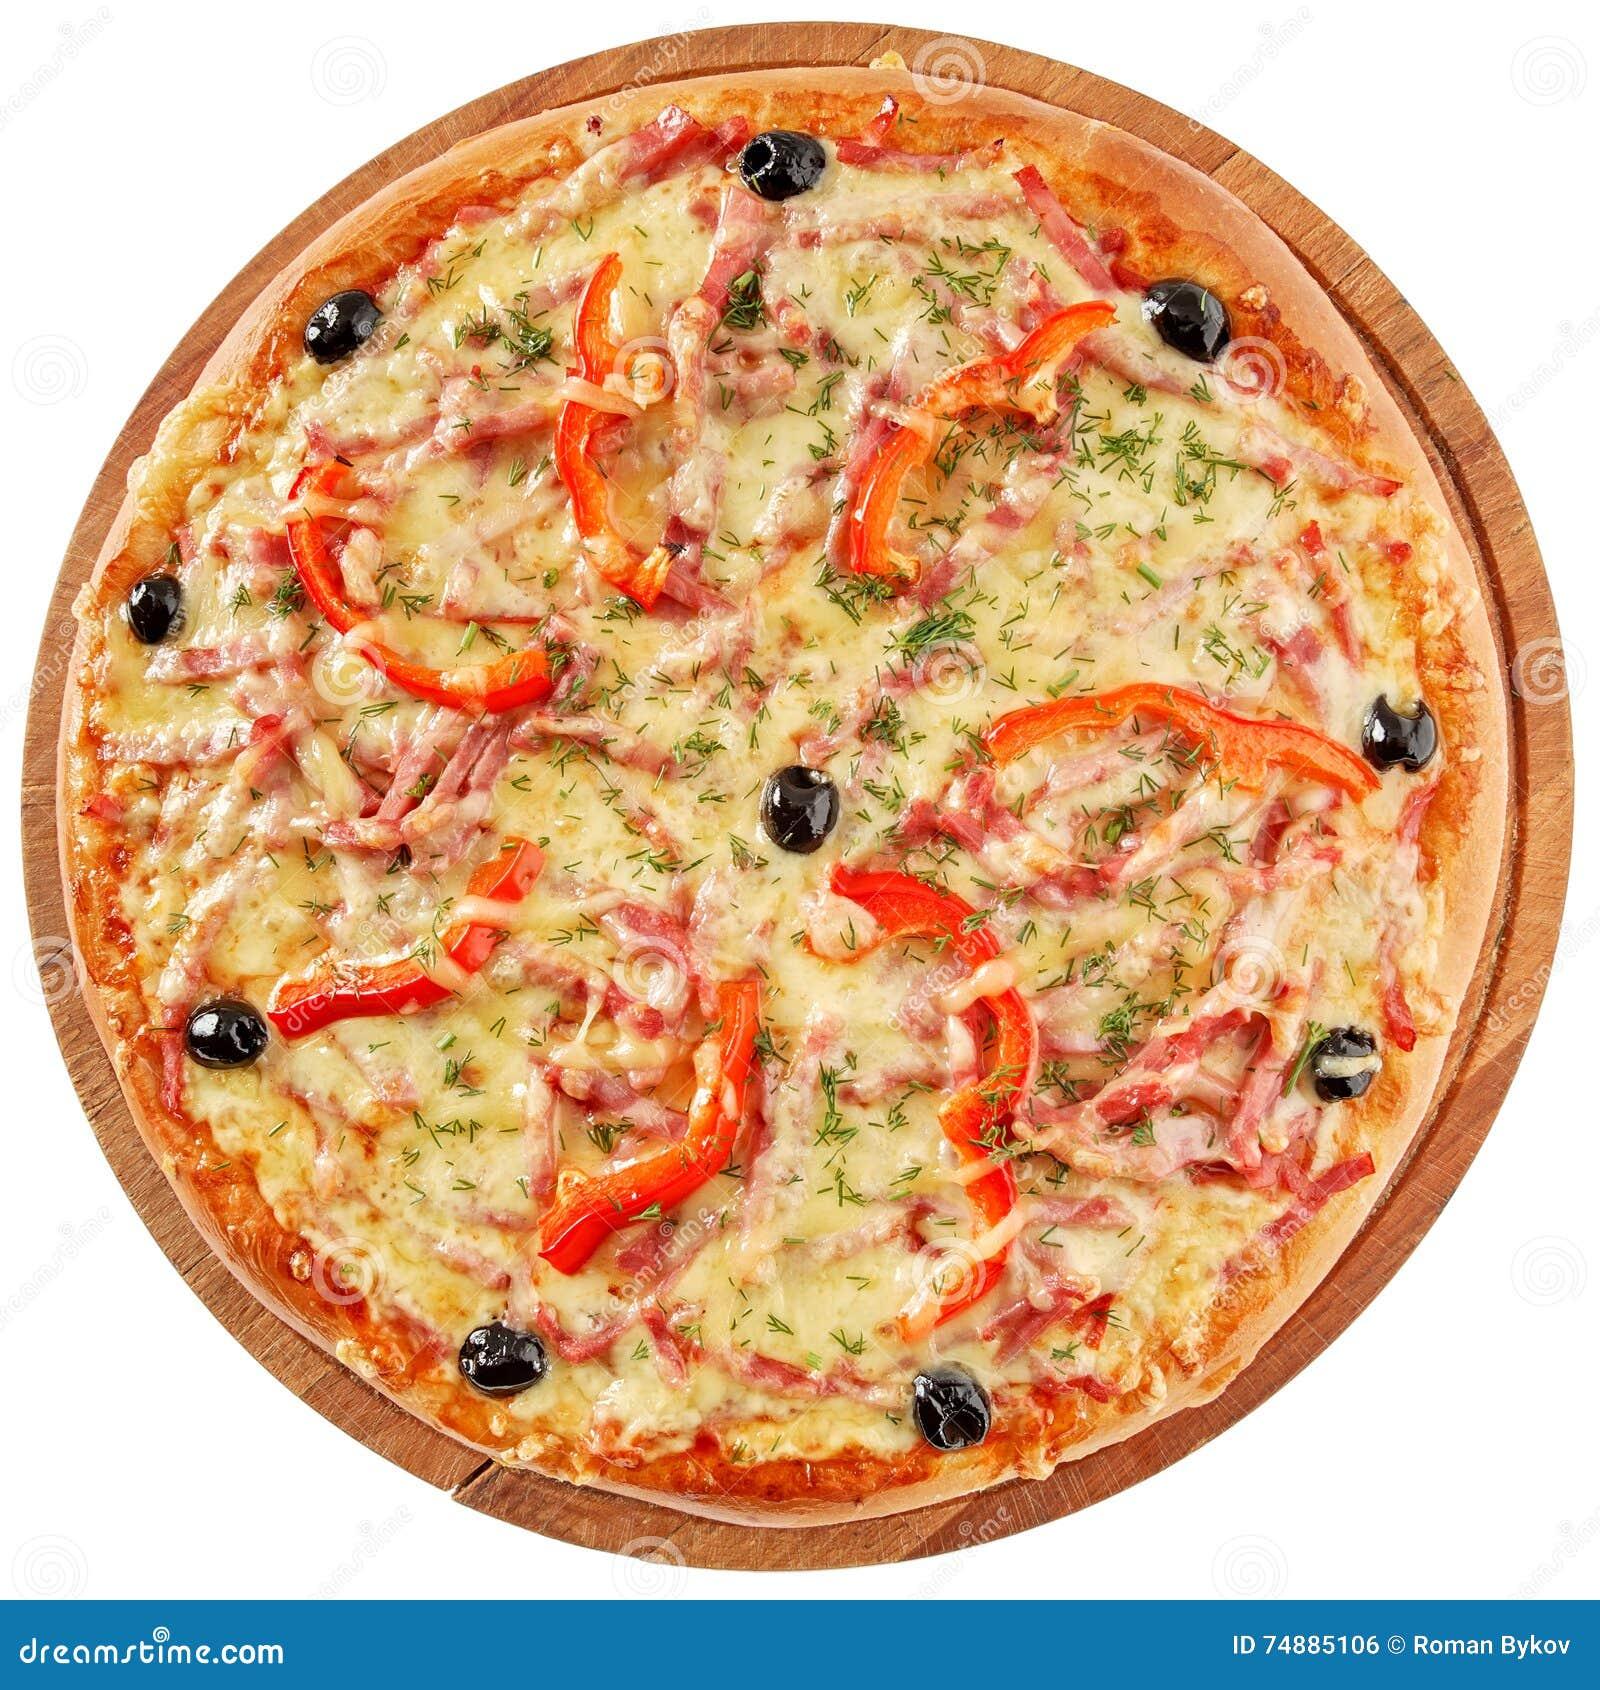 Pizza clássica com tomates, pimenta vermelha e ervas